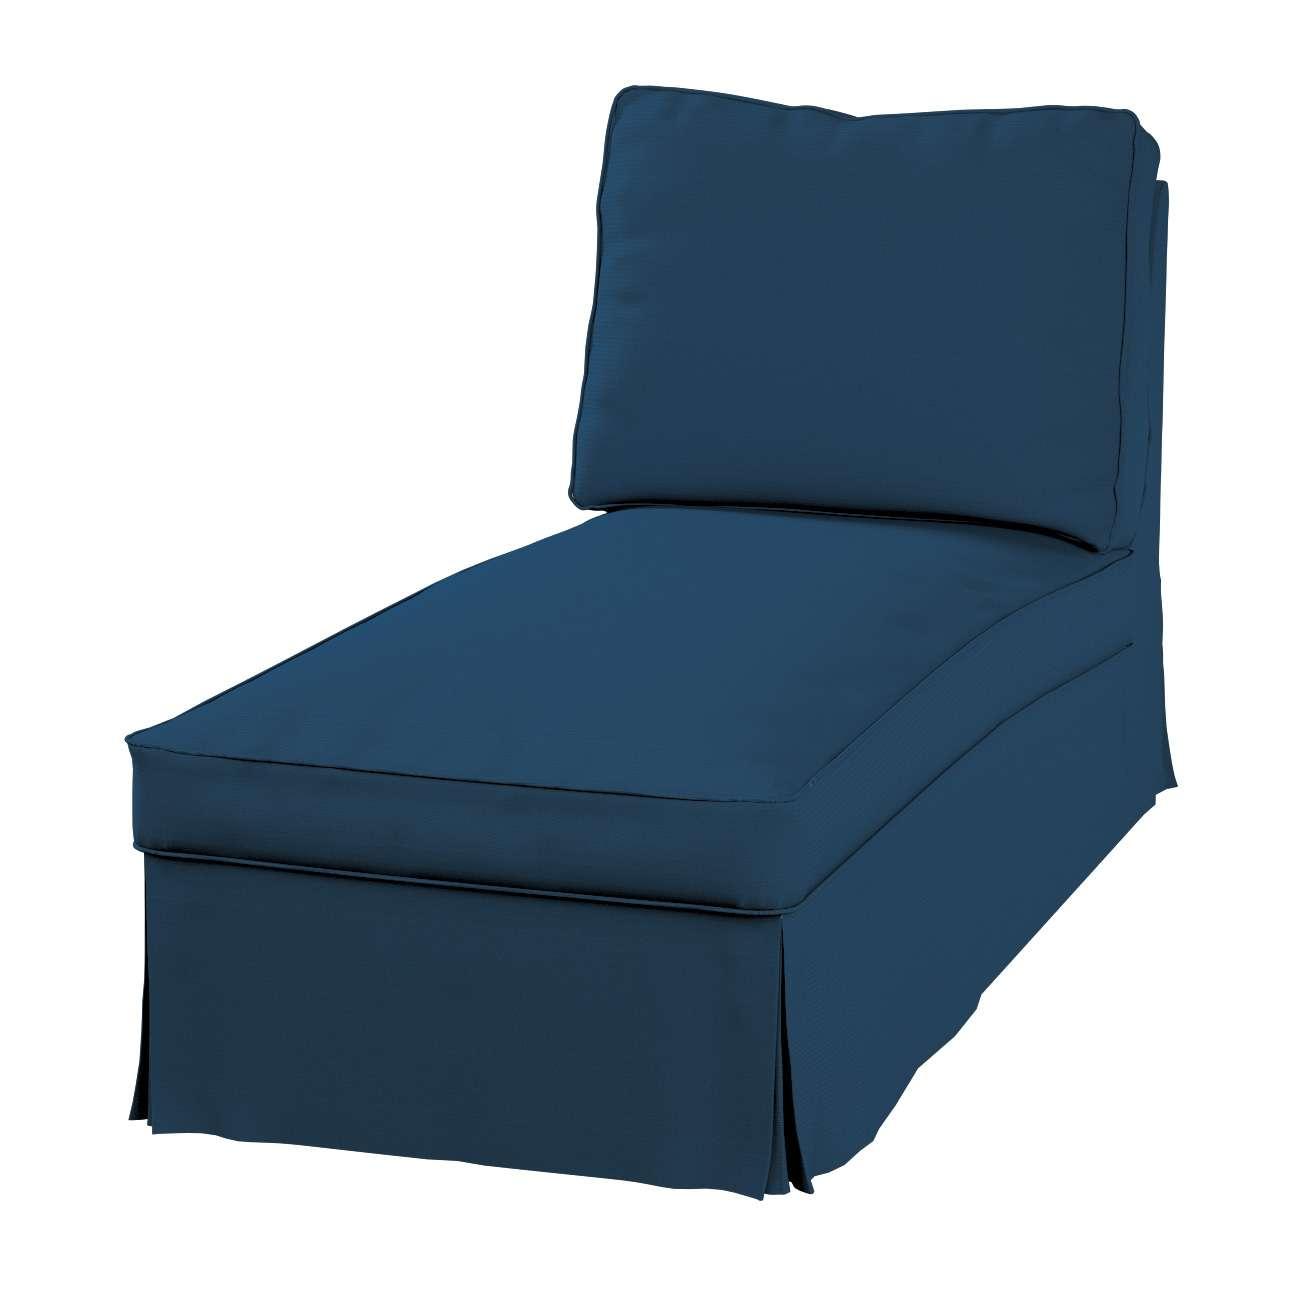 Ektorp gulimojo krėslo užvalkalas (be porankių, tiesus atlošas) Ektorp gulimasis krėslas be porankių, tiesiu atlošu, be suapavalinimų kolekcijoje Cotton Panama, audinys: 702-30